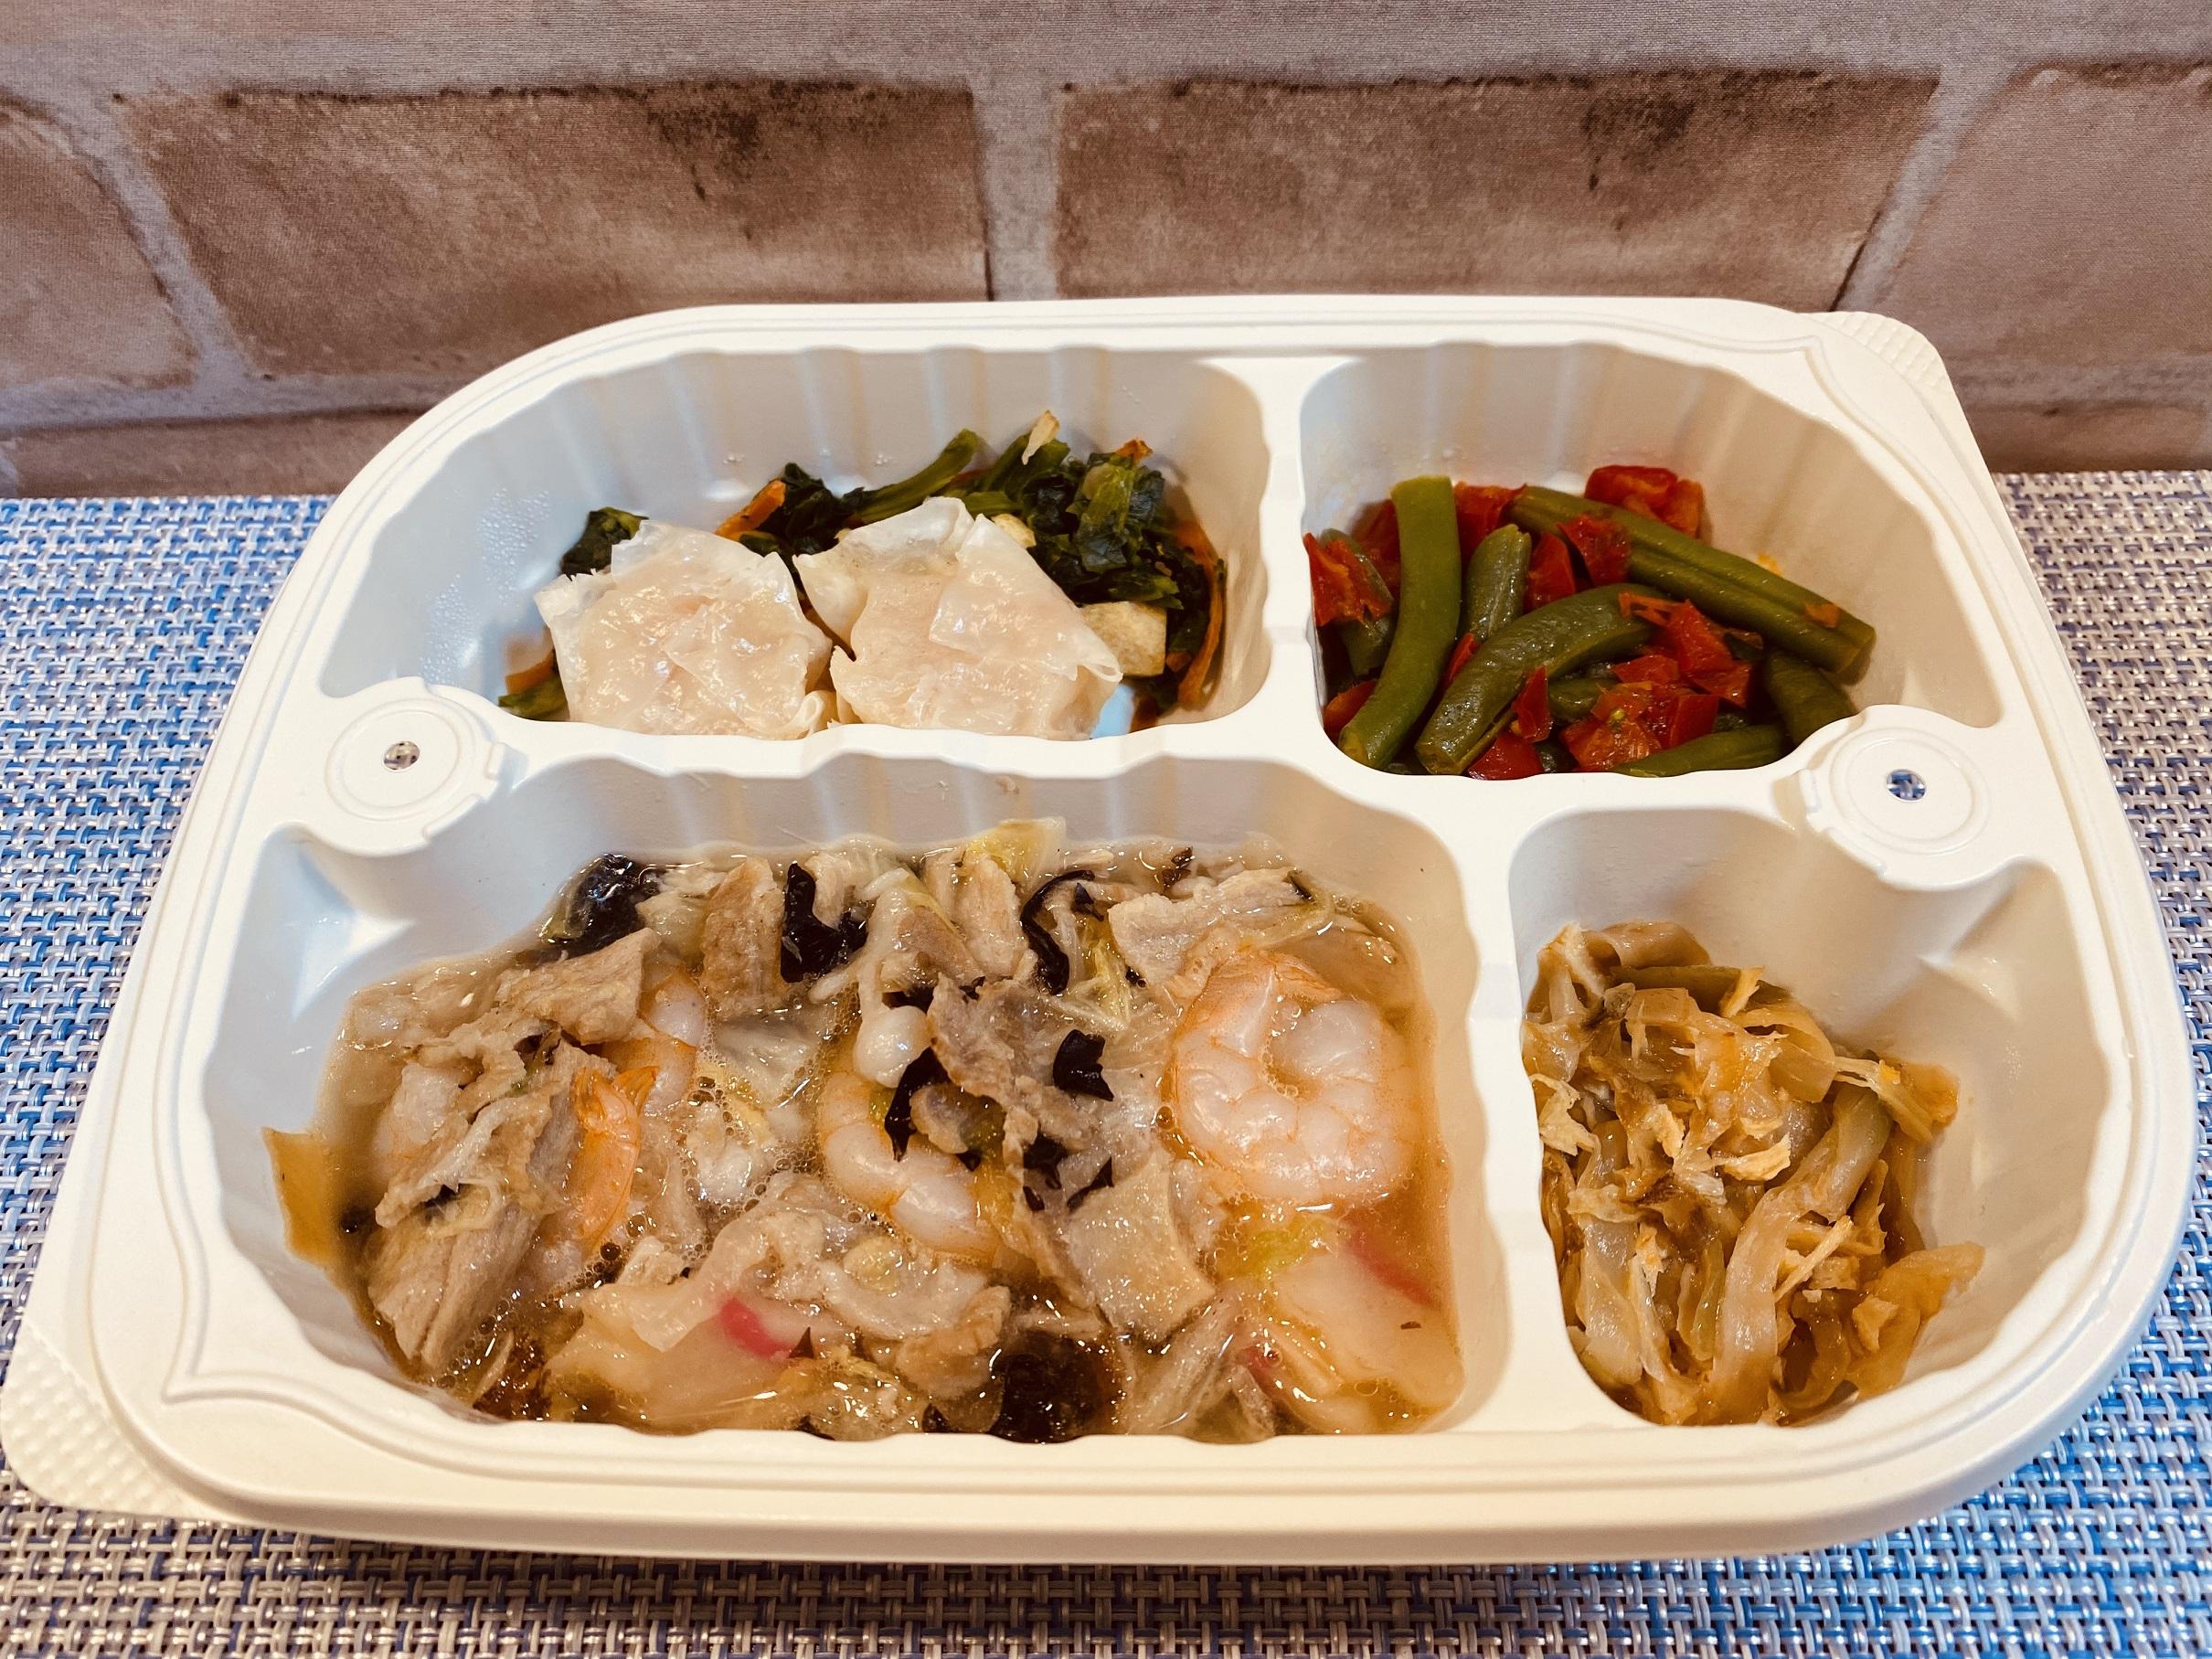 (メニューの一例)八宝菜、えびしゅうまい、いんげんと赤ピーマン炒め、中華風ザーサイ炒め